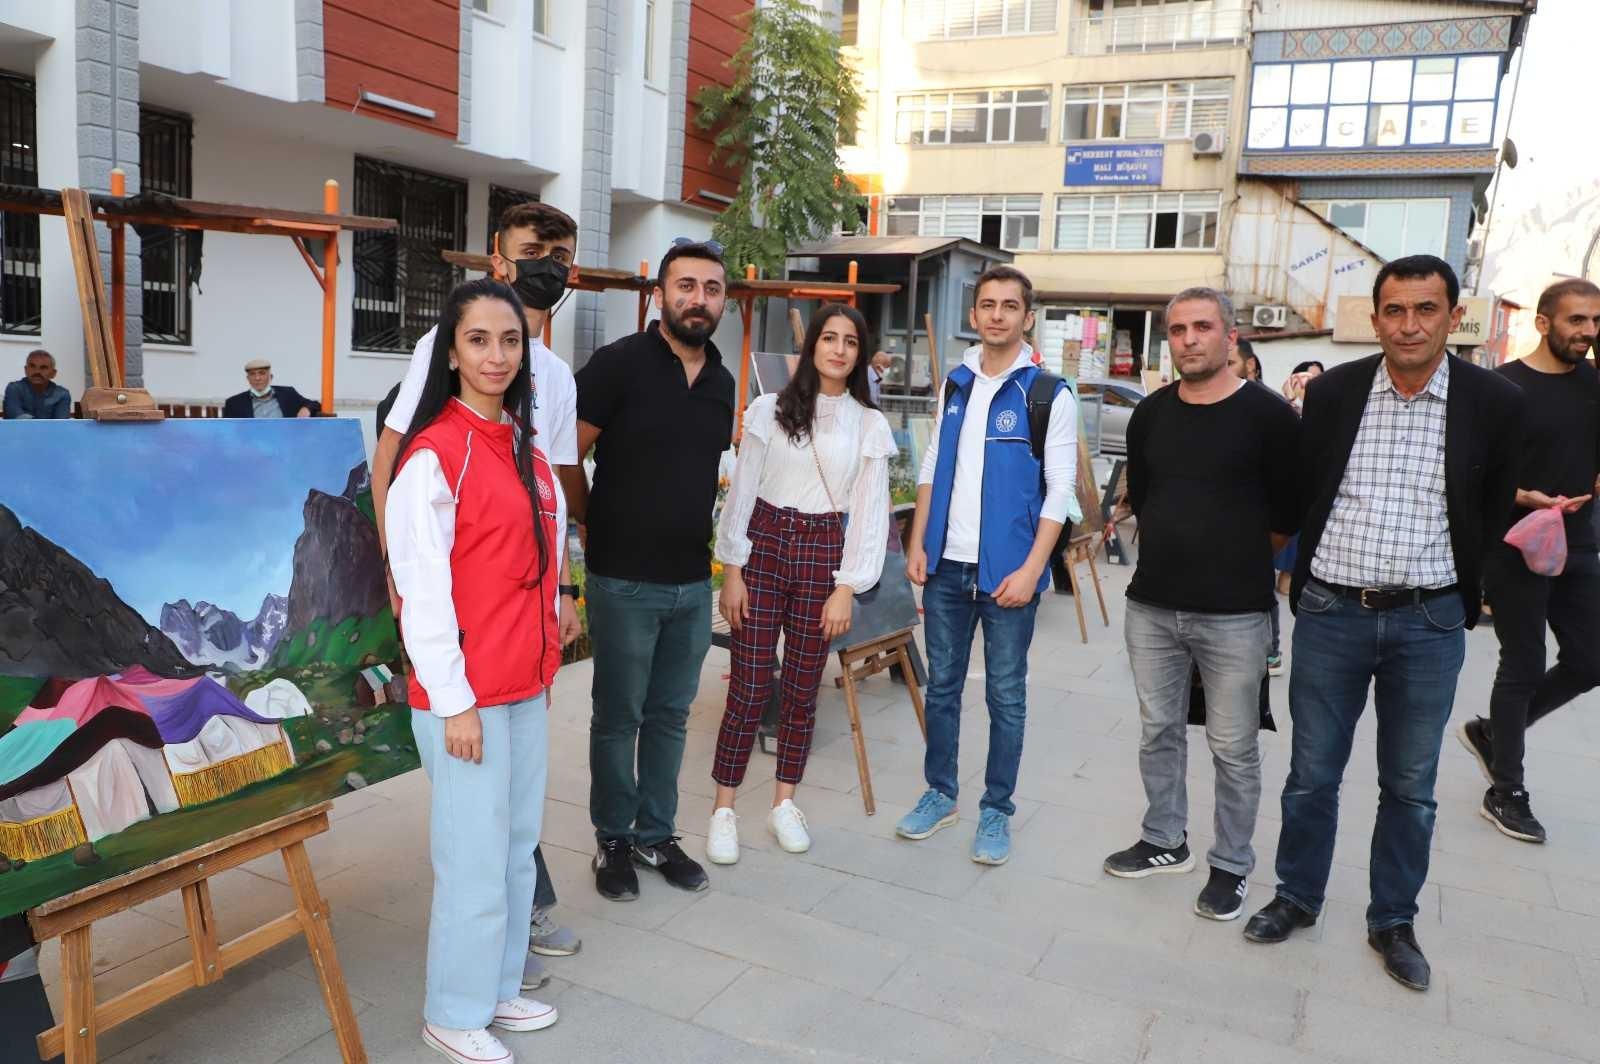 Hakkarili gençlerin yağlı boya resimleri beğeni topladı #hakkari